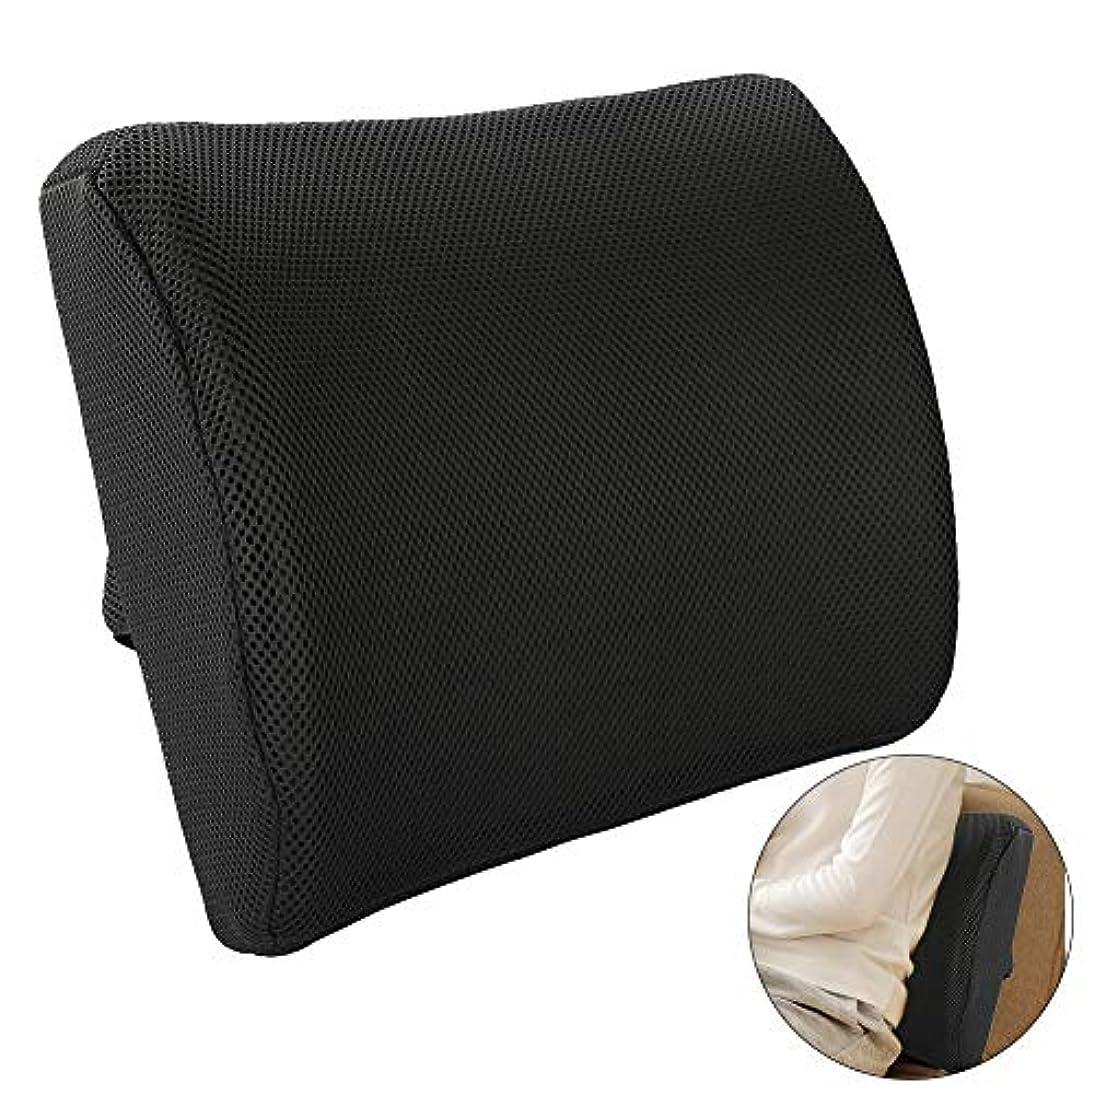 頭リー地下室Semme腰椎サポートピロー低反発パッド、車、家のための背部残りのクッション、腰痛のための救済への旅行